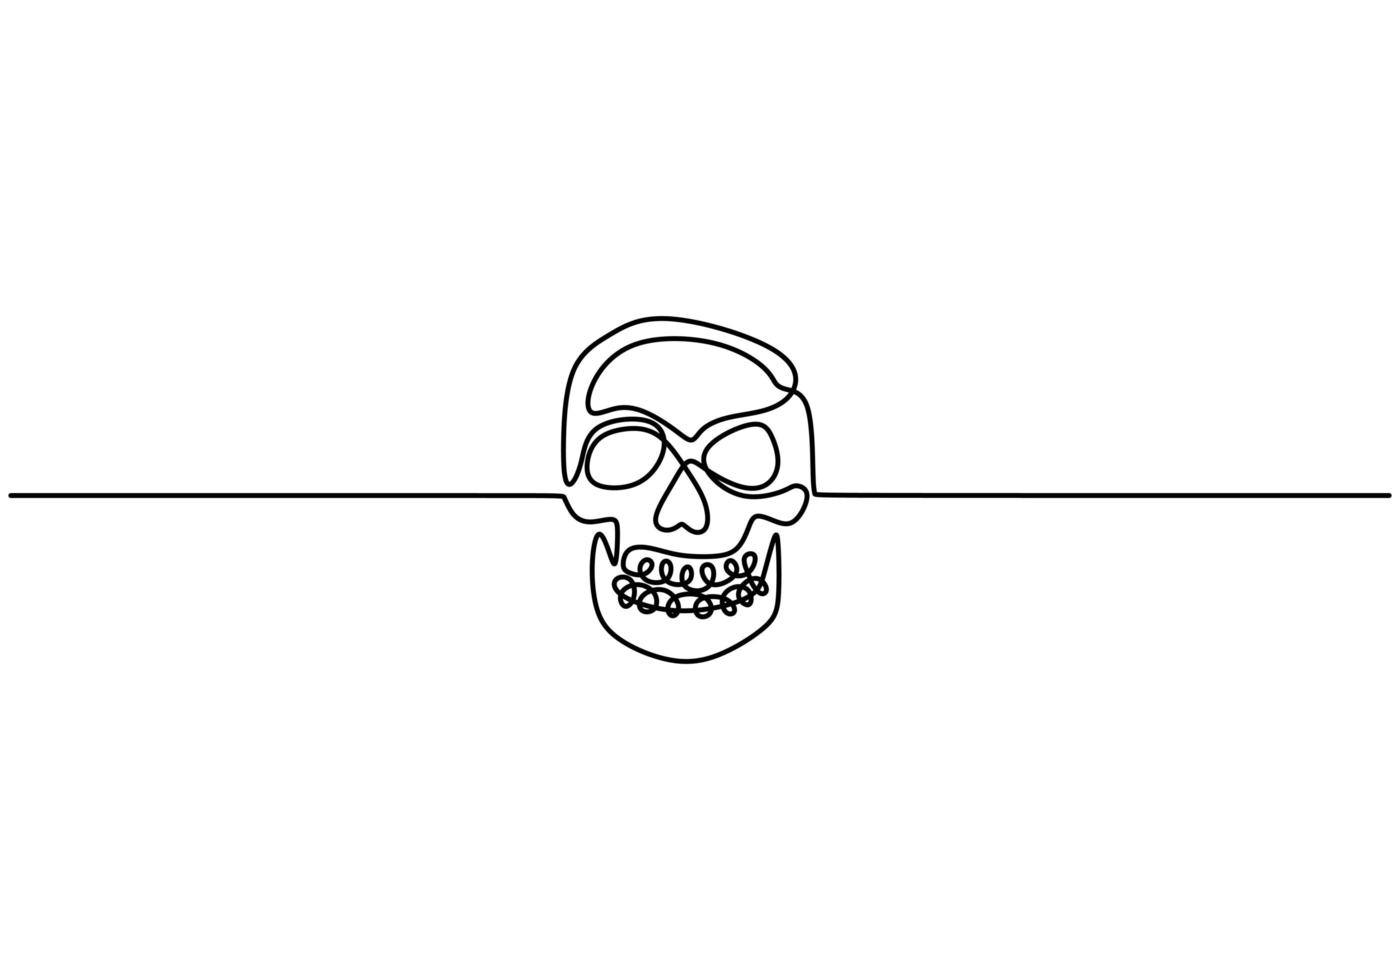 dessin de contour continu une ligne avec crâne humain. vecteur